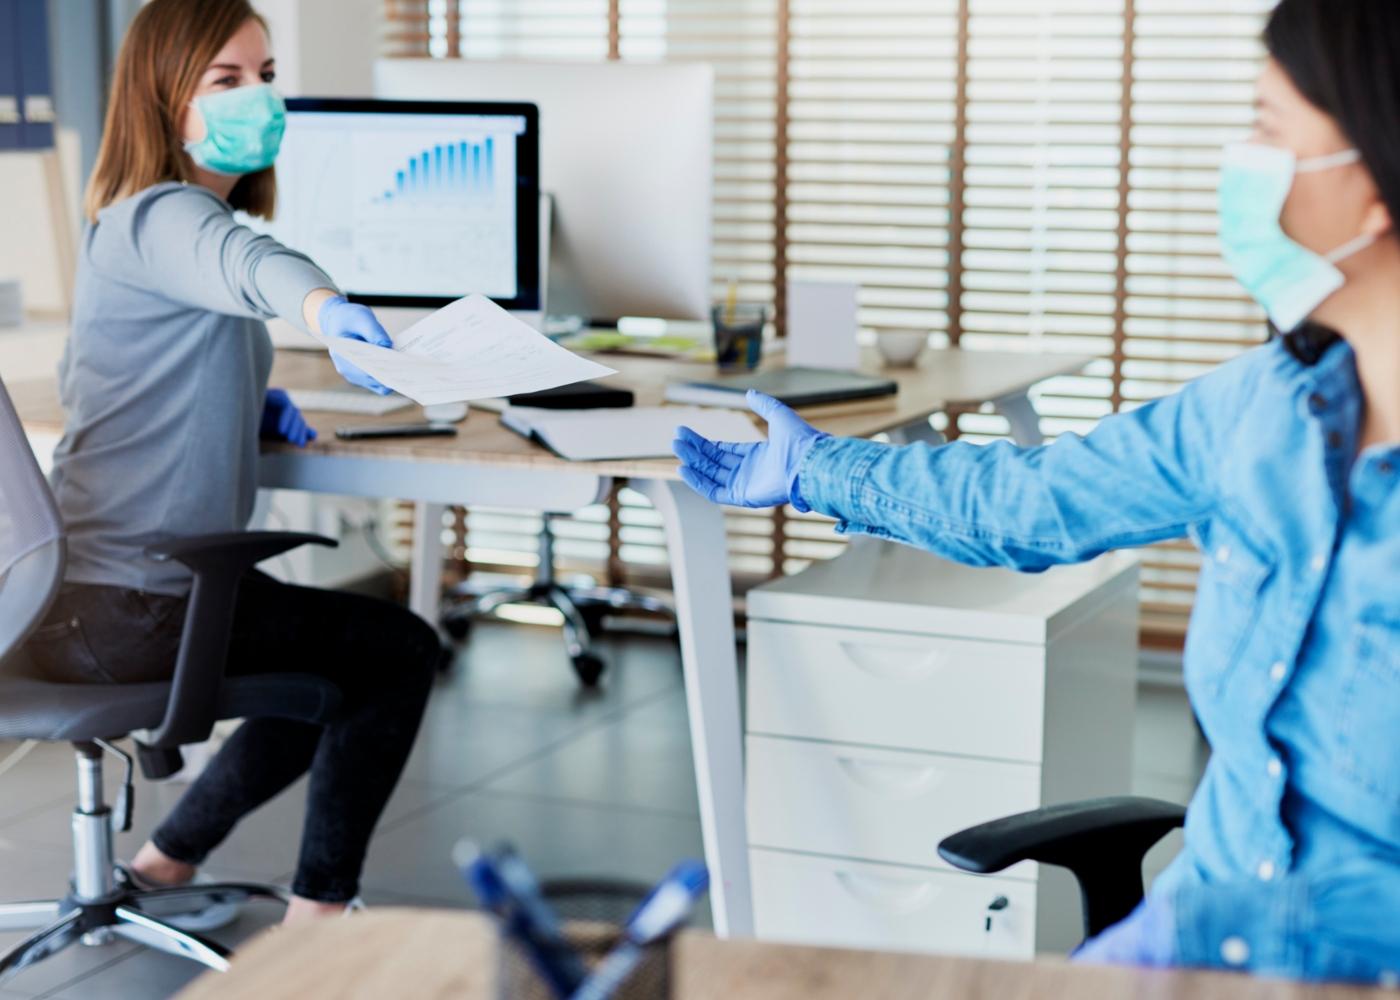 Comportamento socialmente responsável: funcionárias de empresa a respeitar regras sanitárias